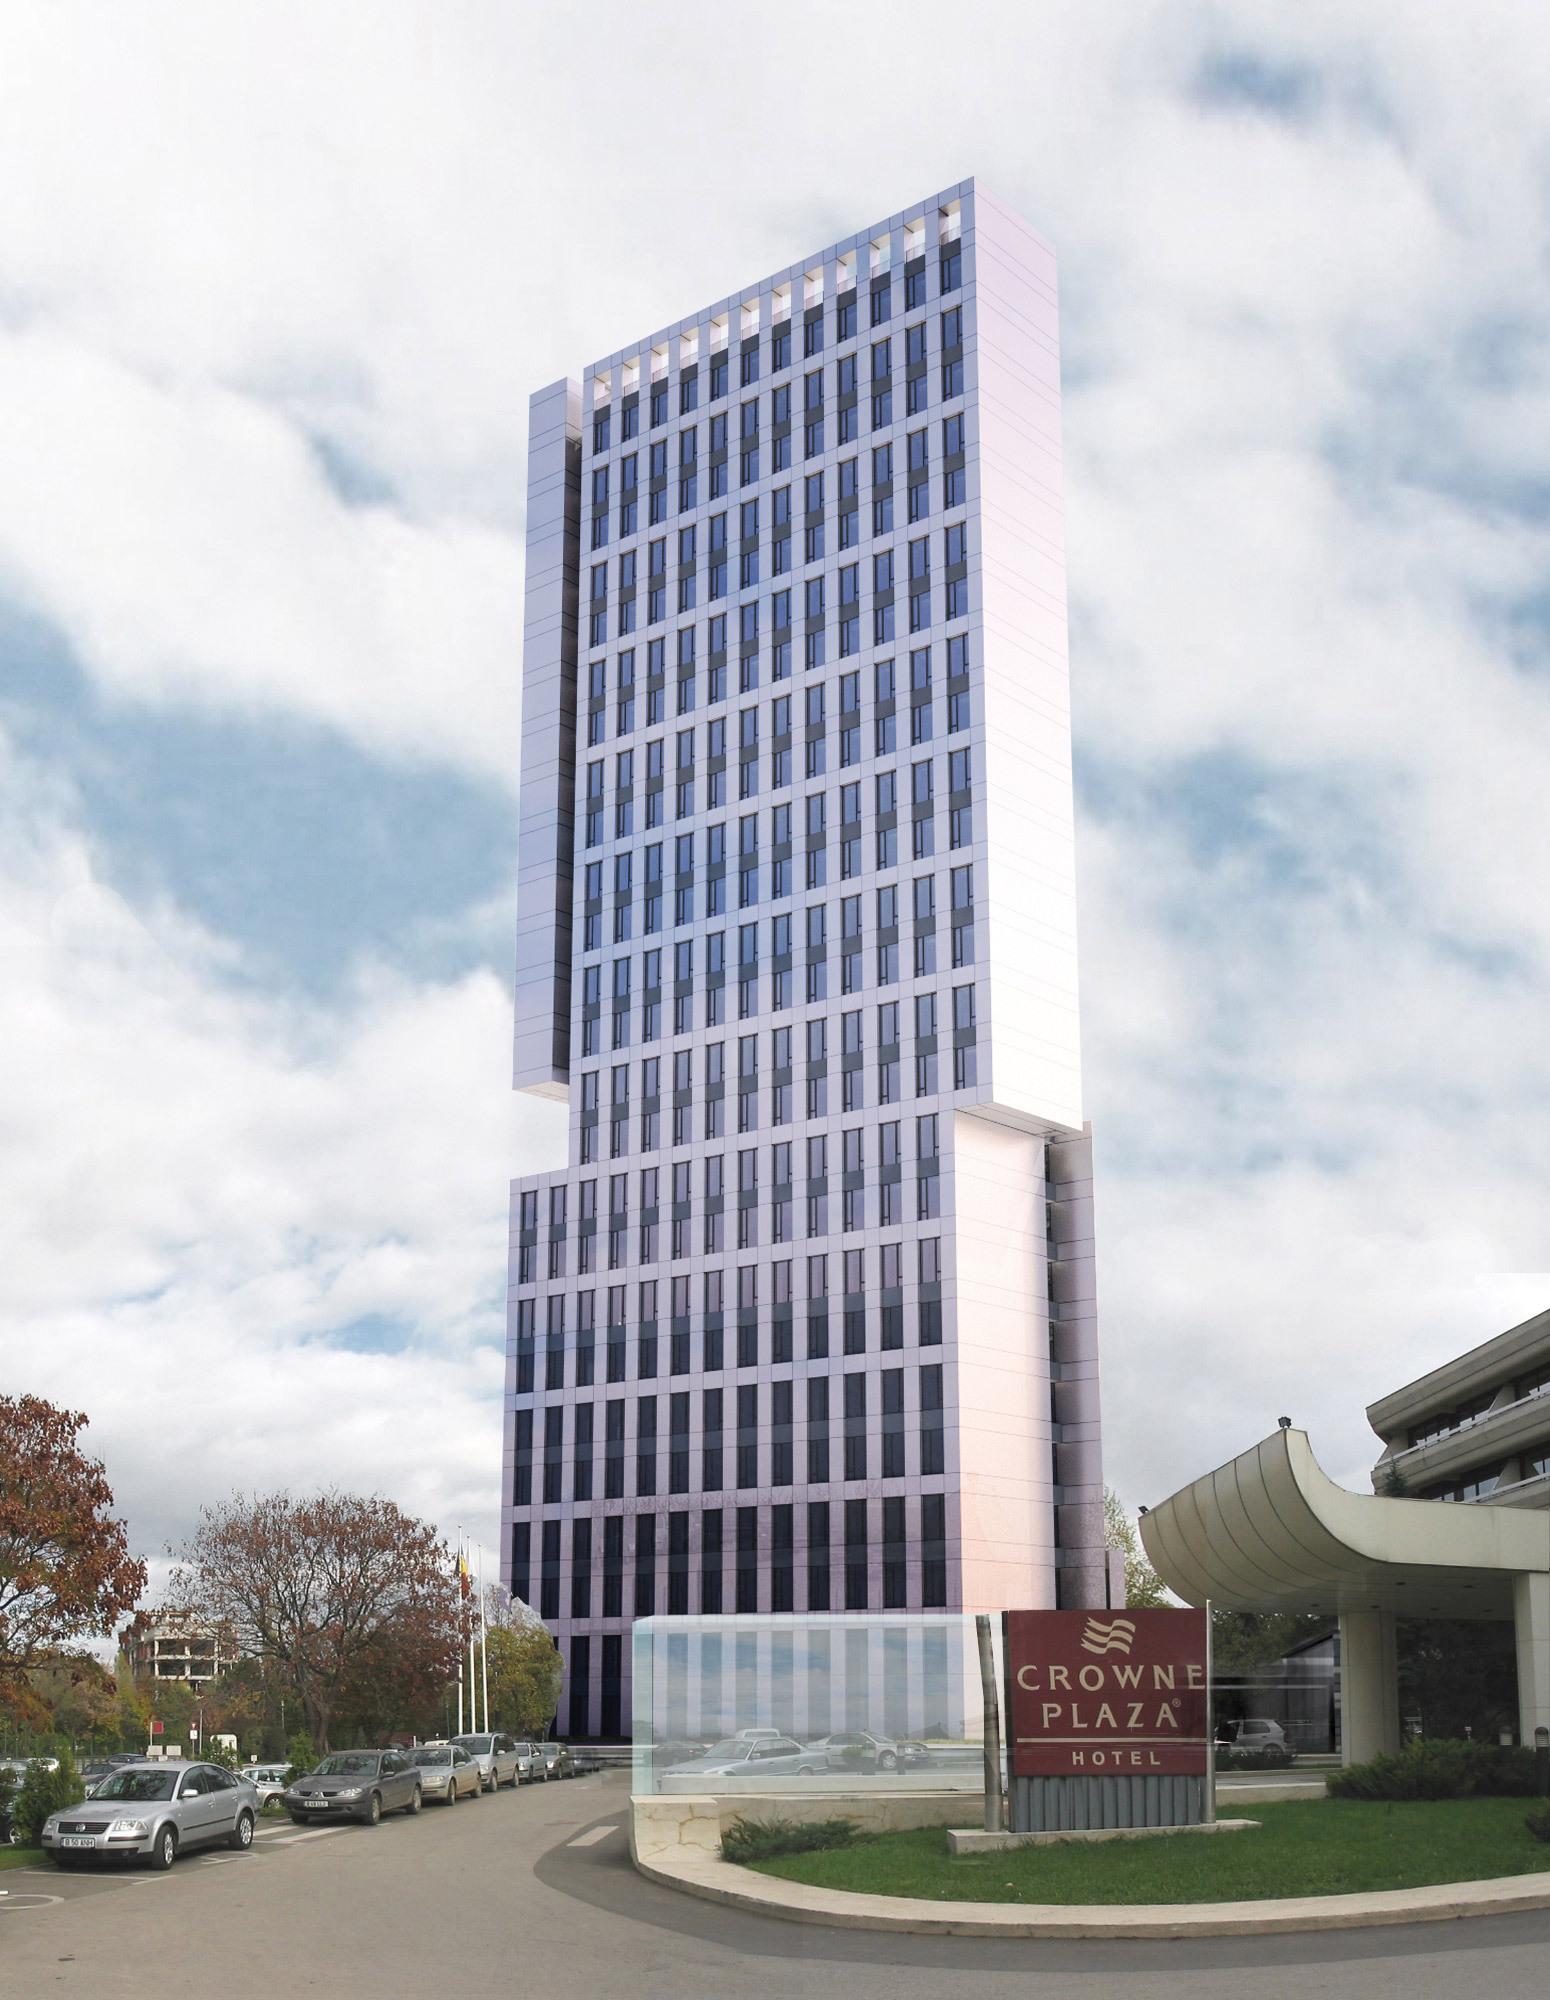 George Copos demarează proiectul de birouri Ana Tower şi discută cu PwC pentru a închiria mai bine de un sfert din clădire